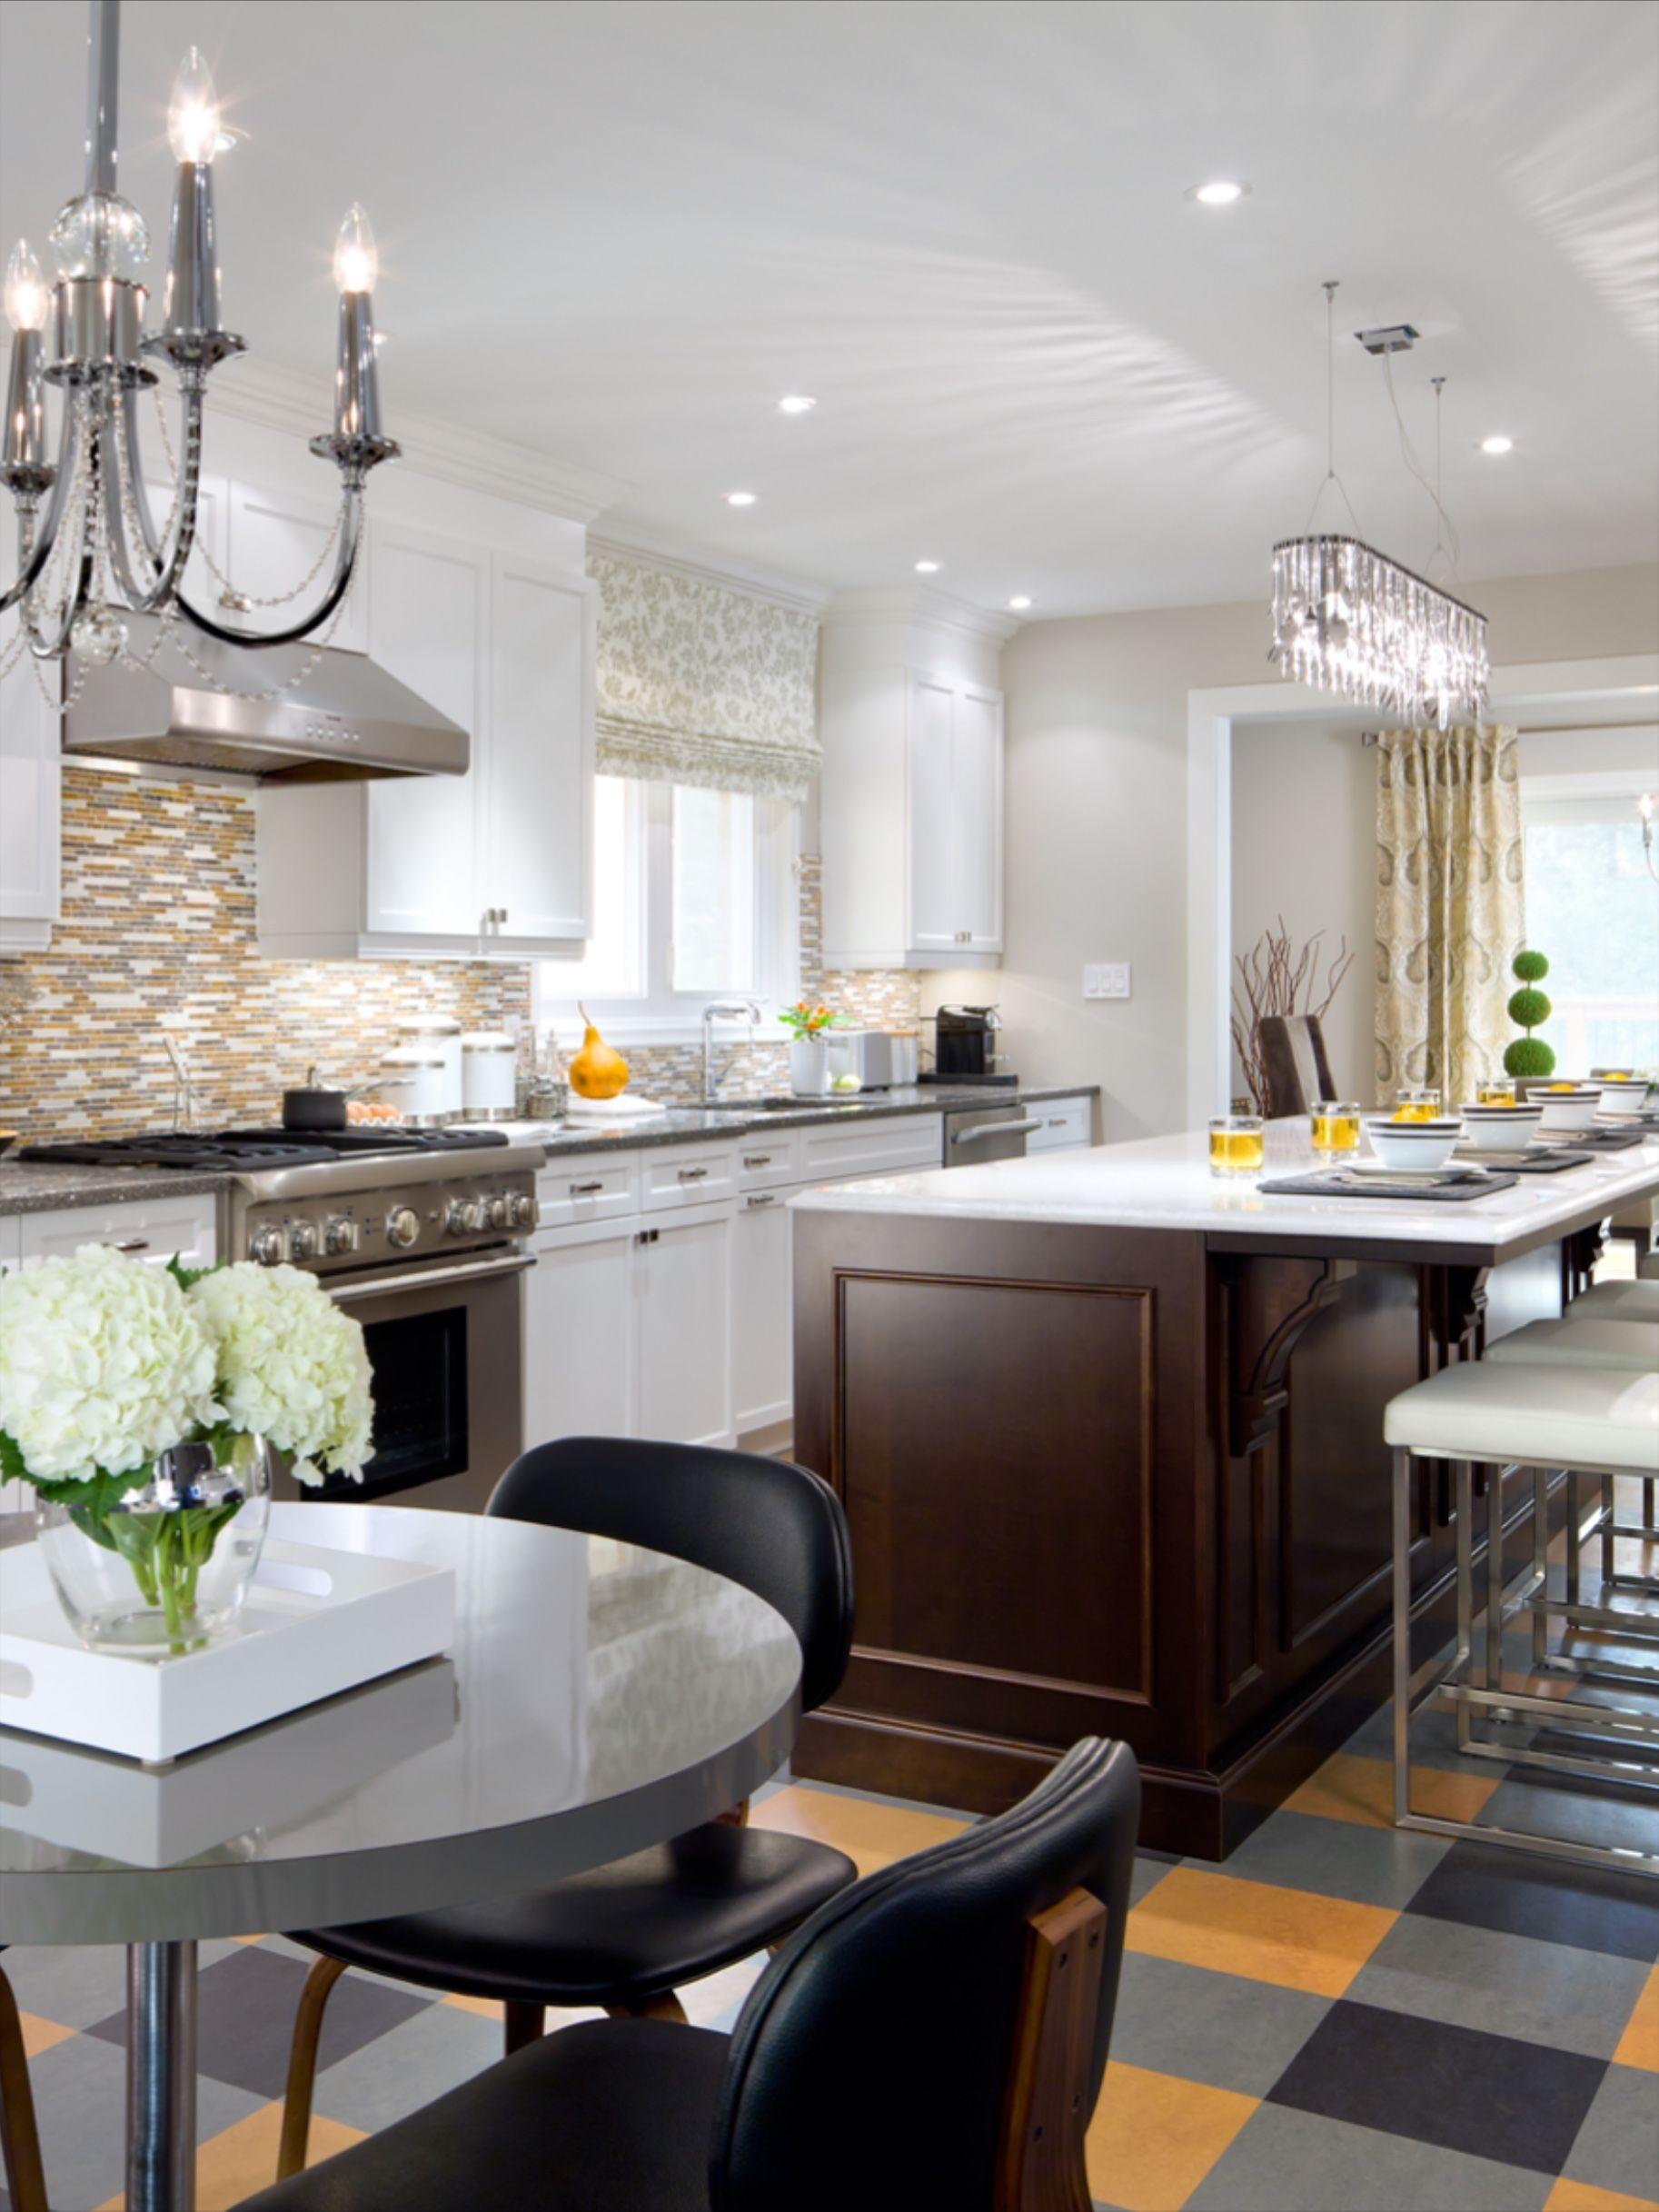 Candice Olson On Kitchen Design Kitchen Design Contemporary Kitchen Kitchen Style